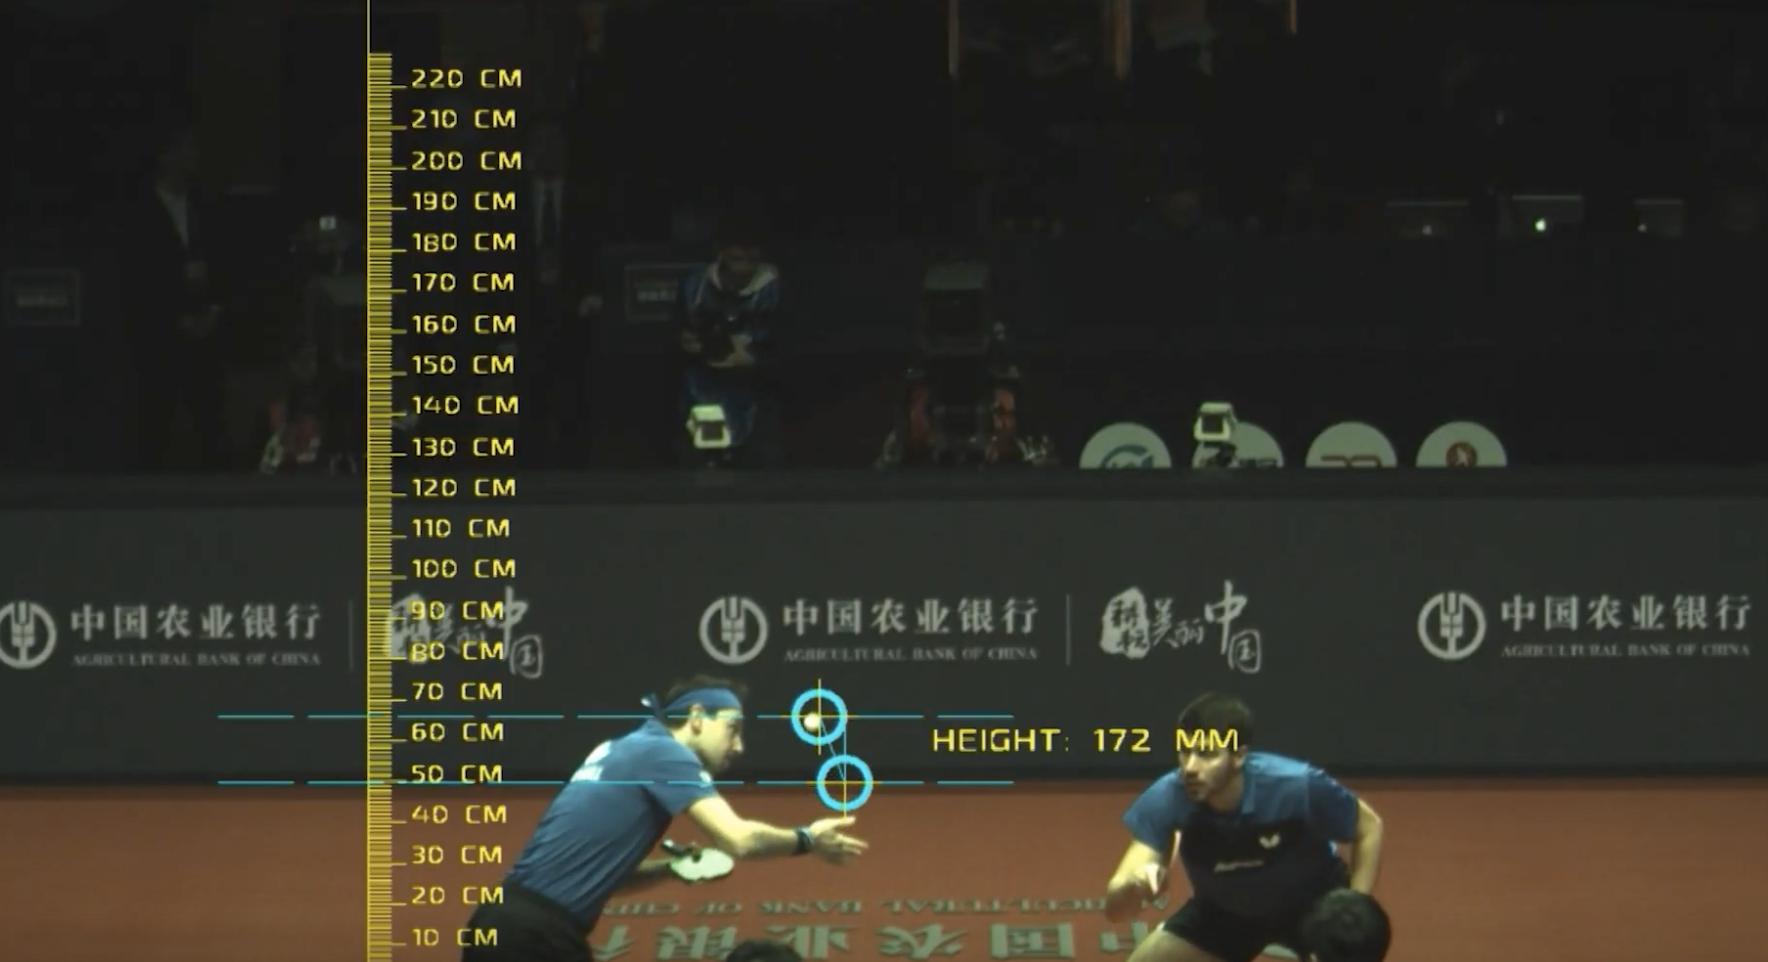 国际乒联执行委员会会议通过重要决定:东京奥运将使用视频回放技术